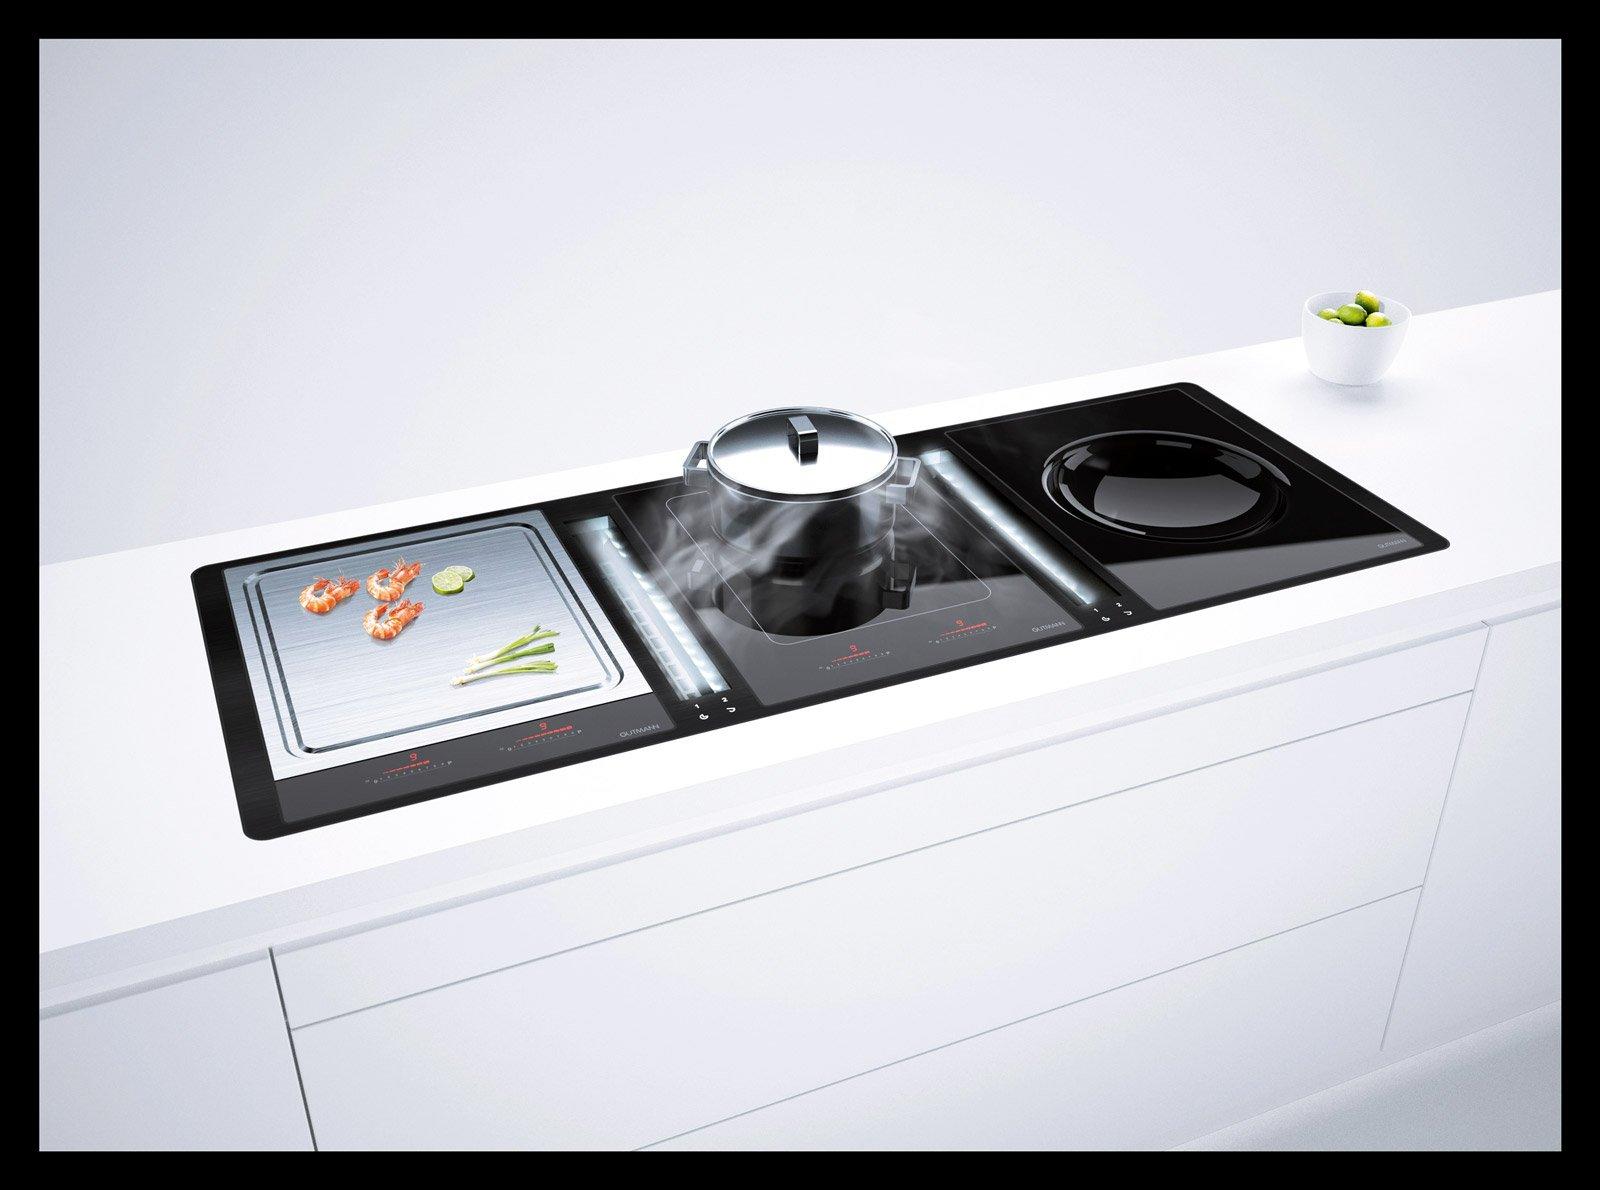 Come Scegliere Il Piano Di Lavoro Top Della Cucina Pictures To Pin On #AE4C1D 1600 1190 Come Scegliere Il Top Della Cucina